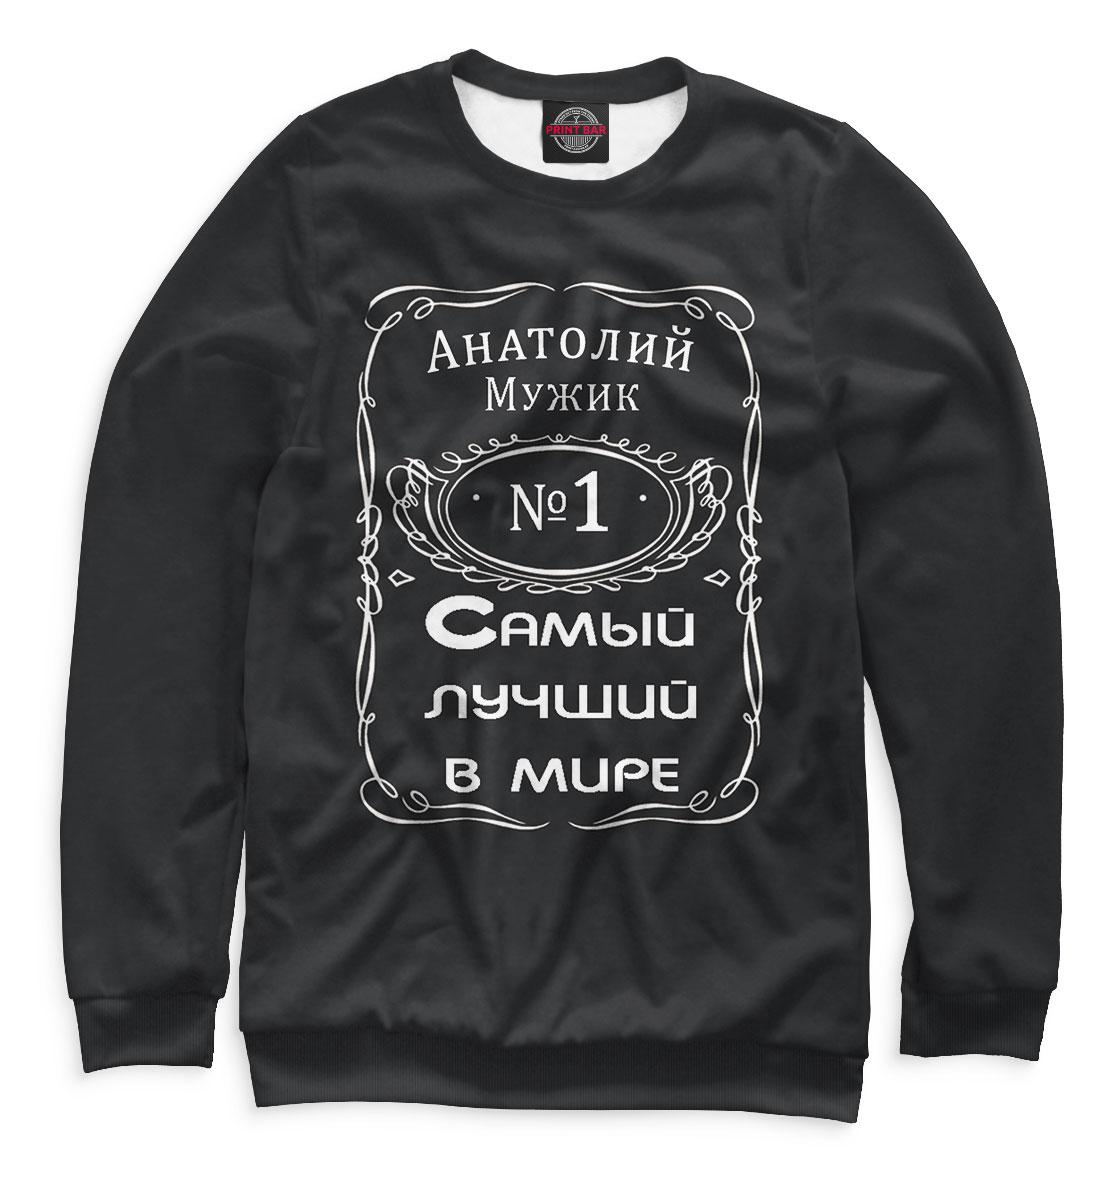 Купить Анатолий — самый лучший в мире, Printbar, Свитшоты, IMR-370870-swi